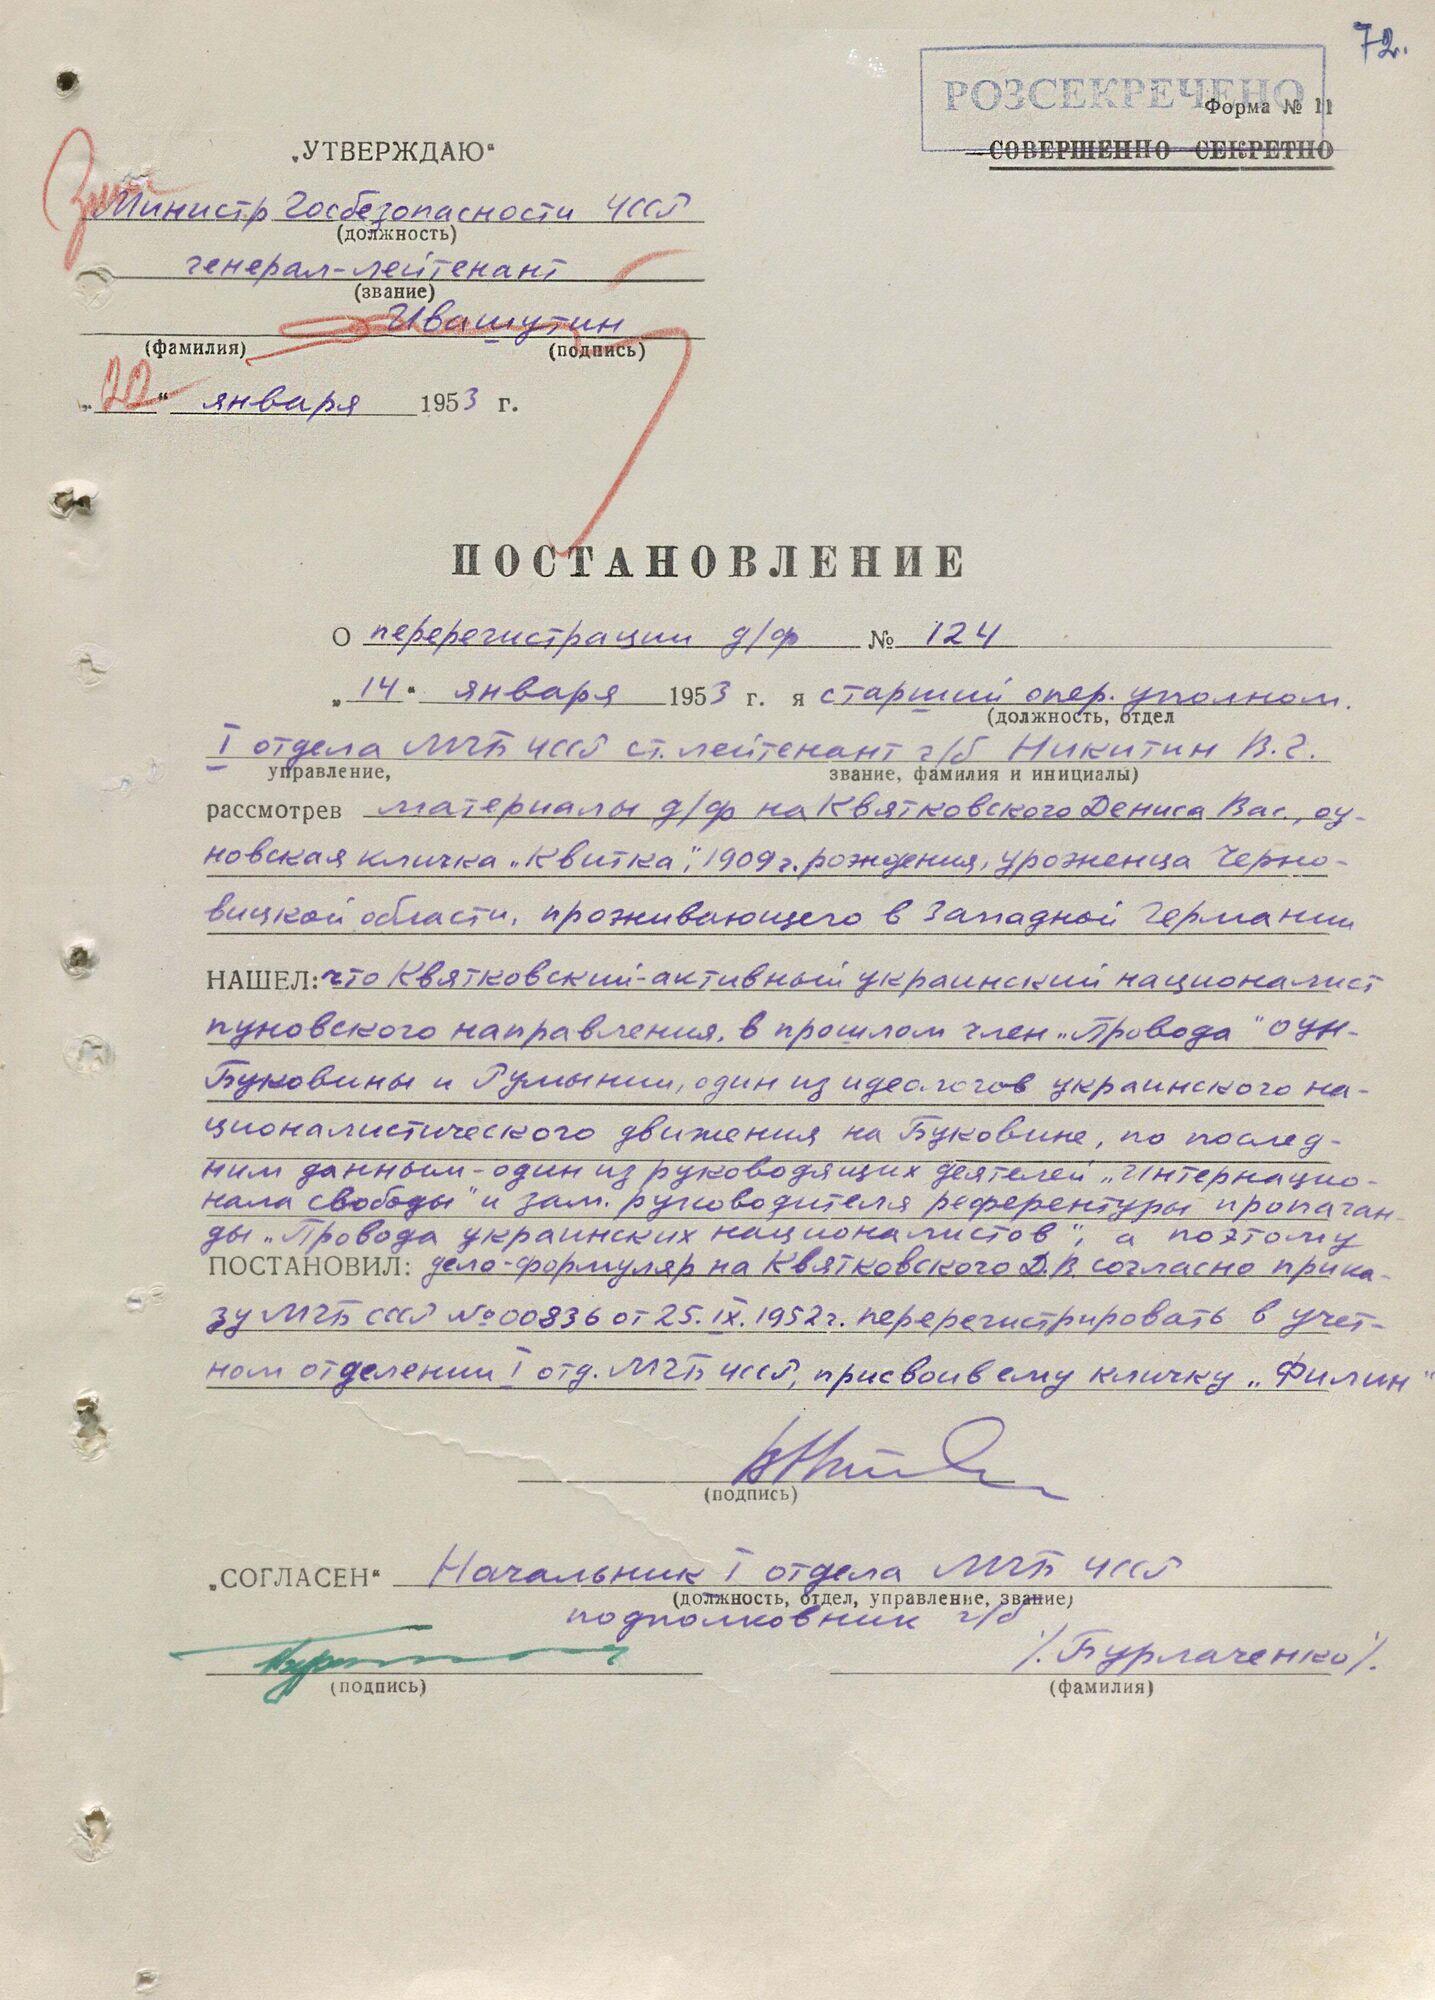 Документы, которые сохранились в архиве СВРУ о Денисе Квитковском